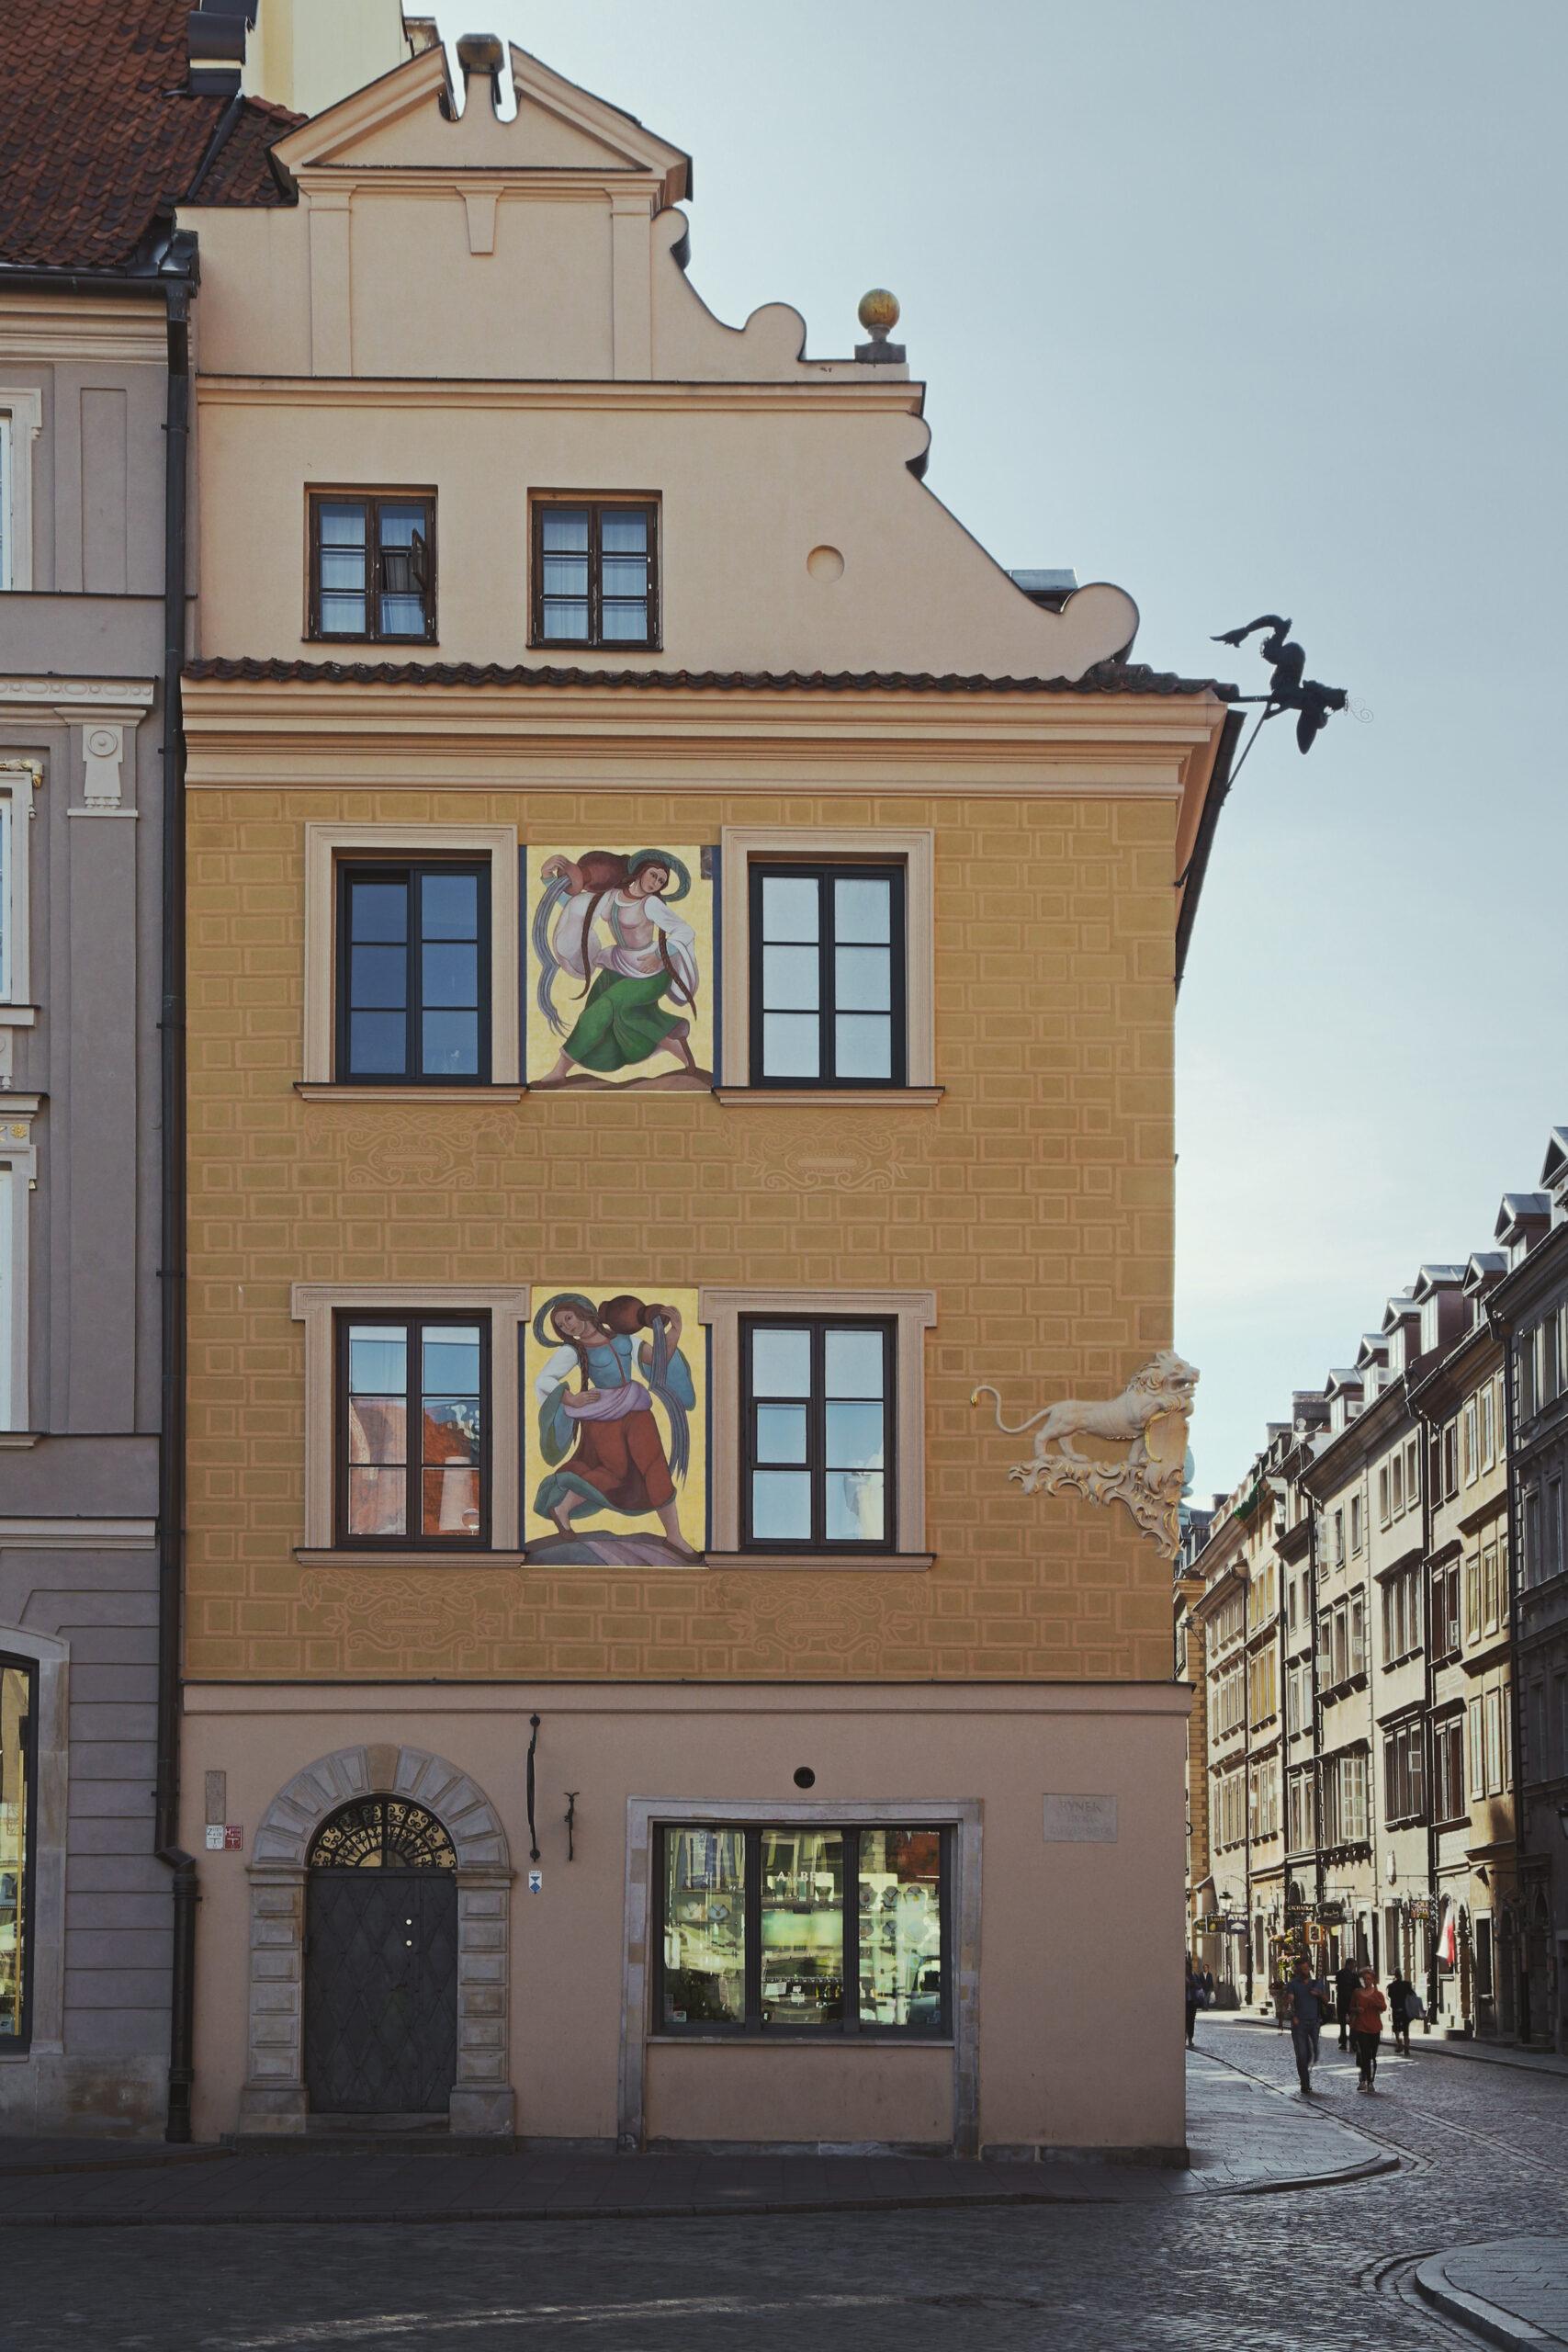 Fotografia fasady kamienicy zdwoma wielobarwnymi malowidłami przedstawiającymi kobiety.